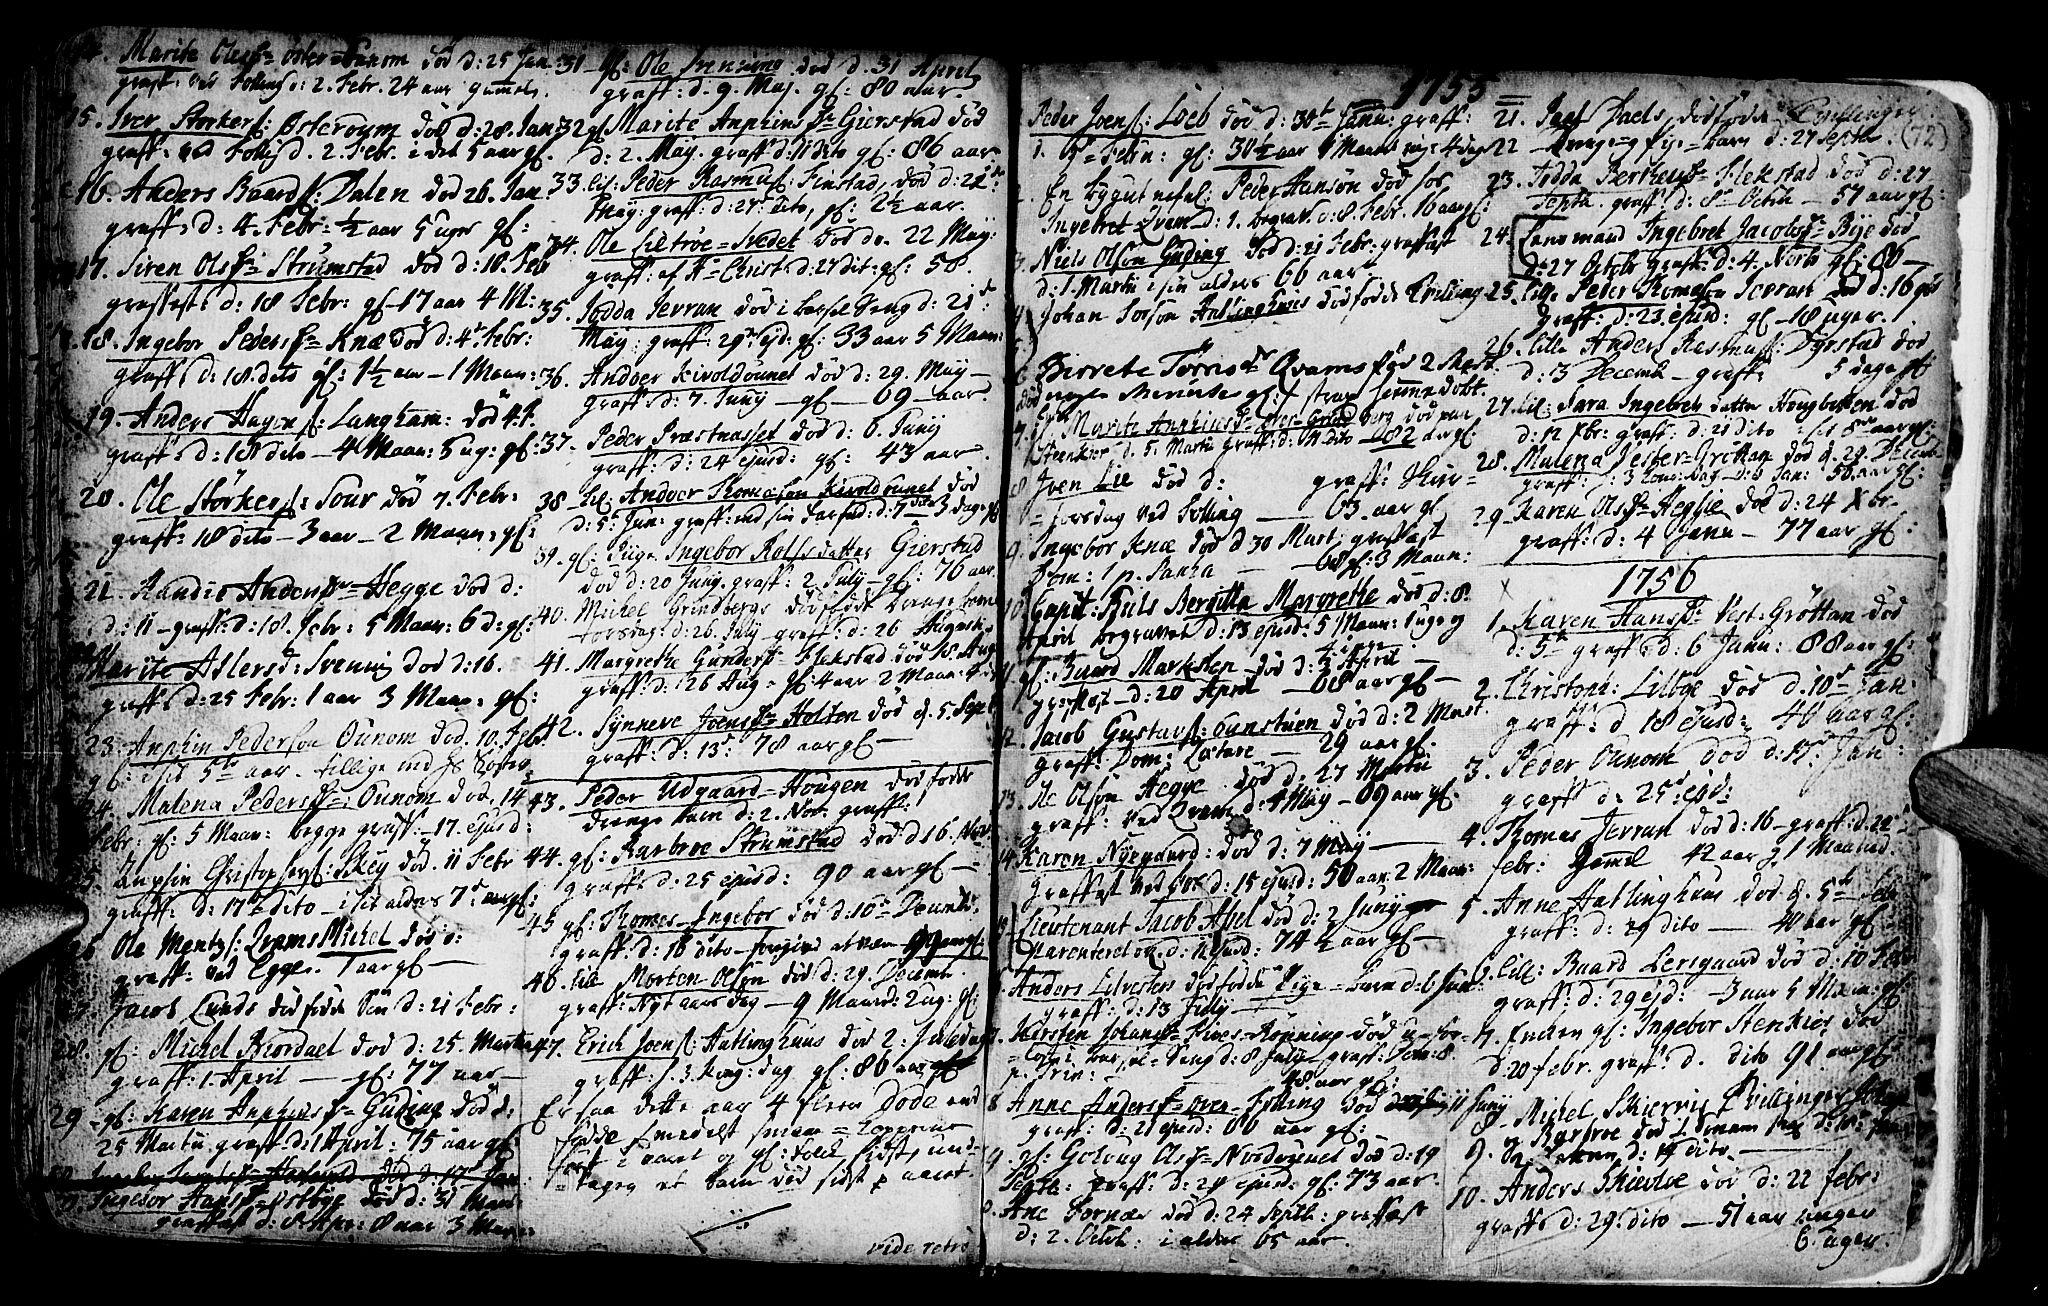 SAT, Ministerialprotokoller, klokkerbøker og fødselsregistre - Nord-Trøndelag, 746/L0439: Ministerialbok nr. 746A01, 1688-1759, s. 72